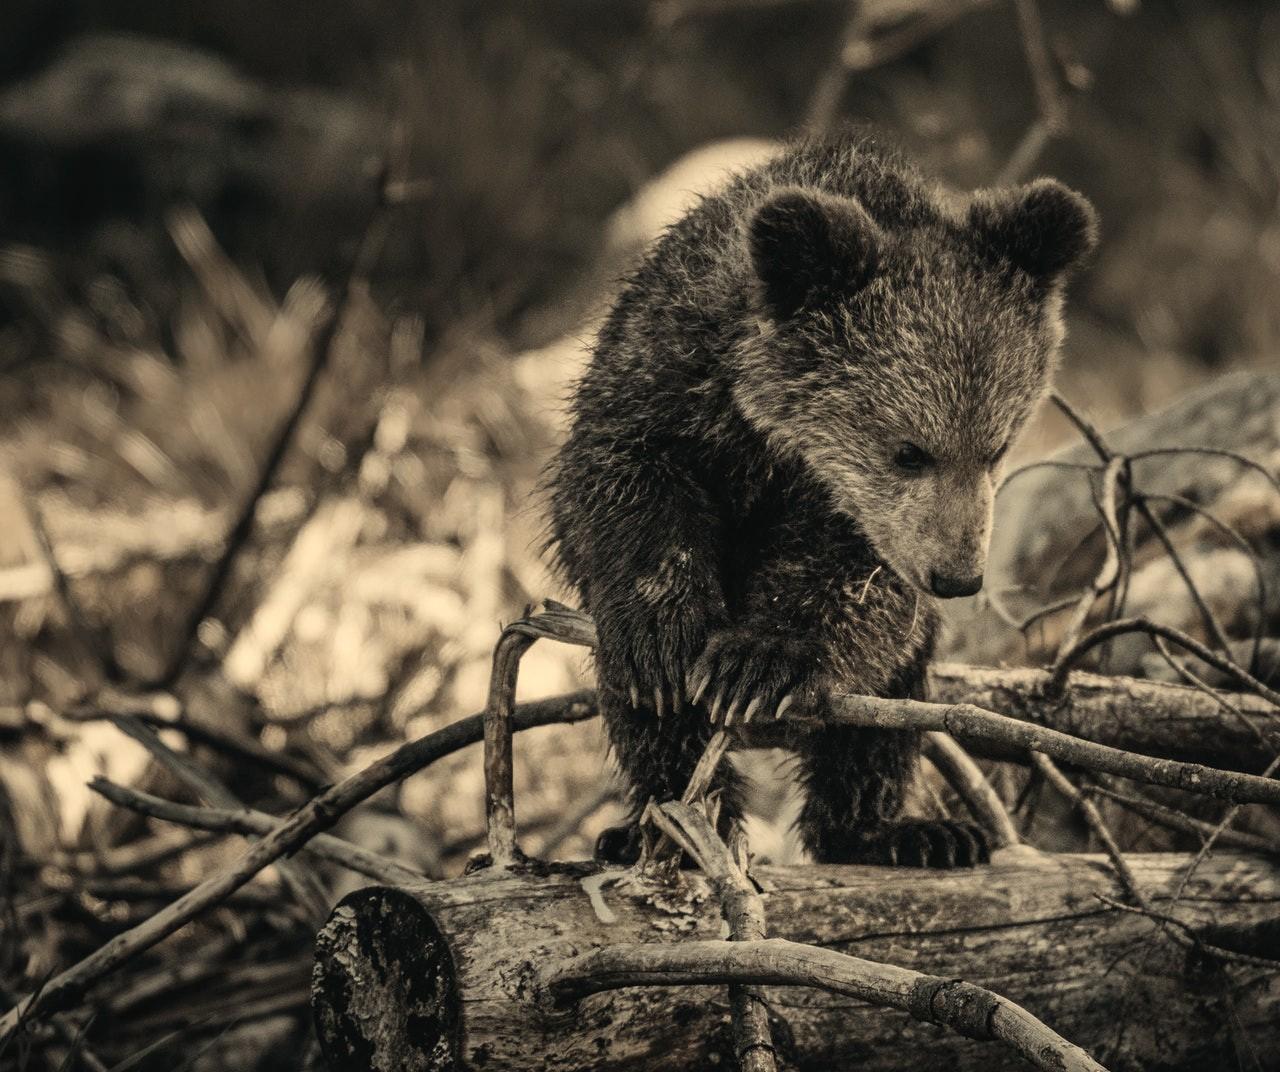 Cattura di animali selvatici: cosa si rischia?